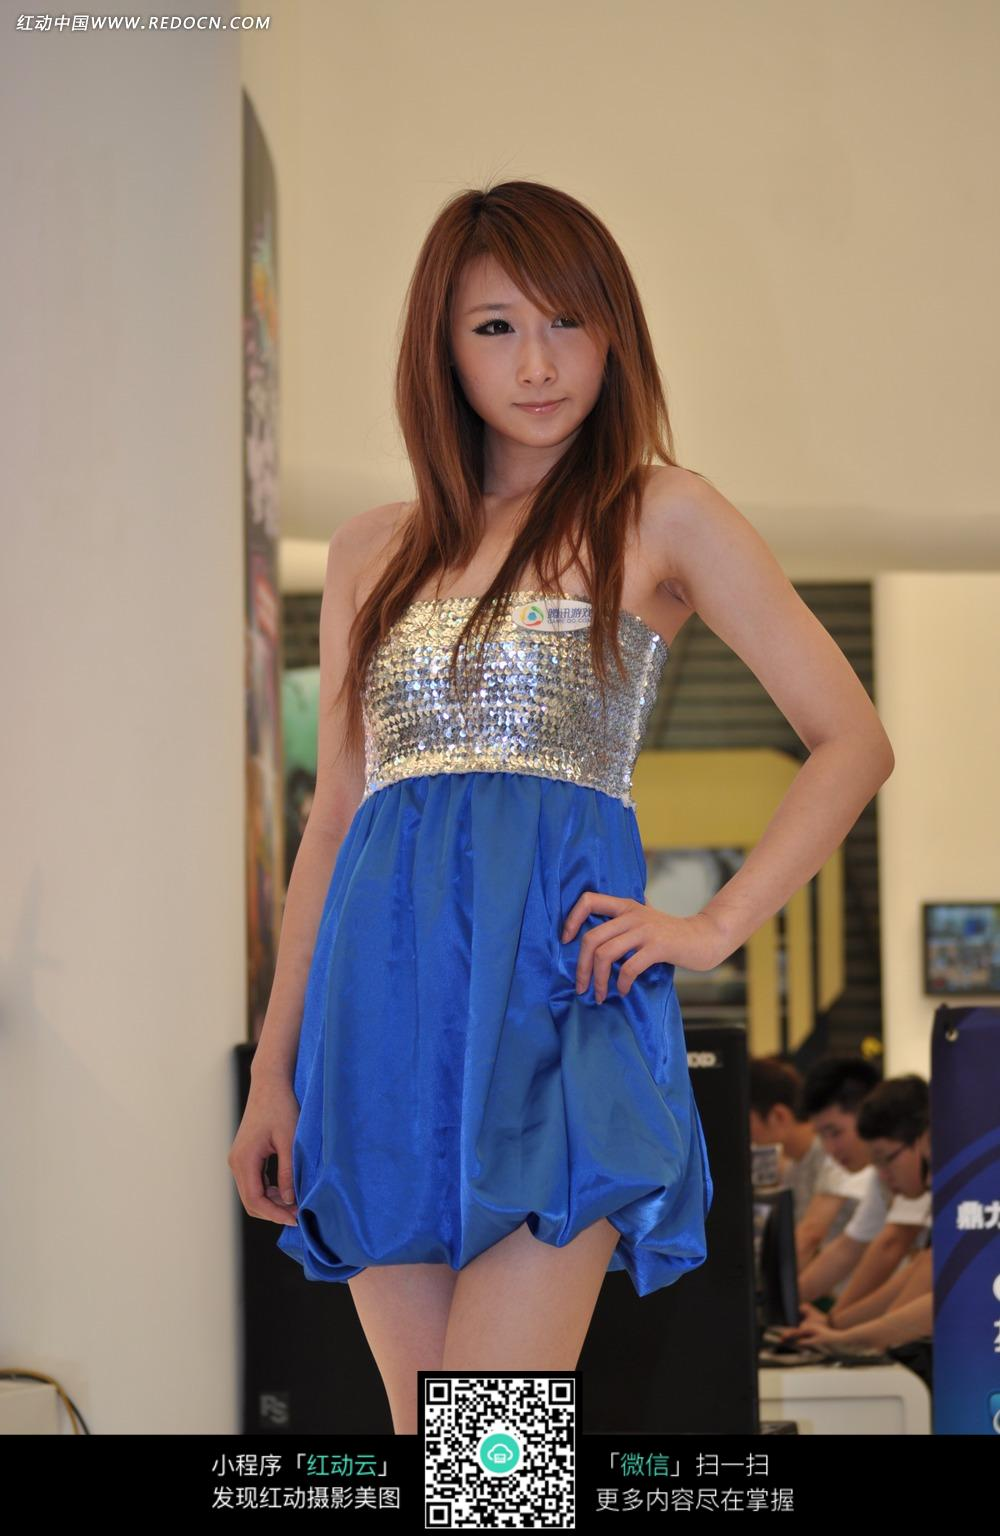 穿蓝色短裙的美女照片图片